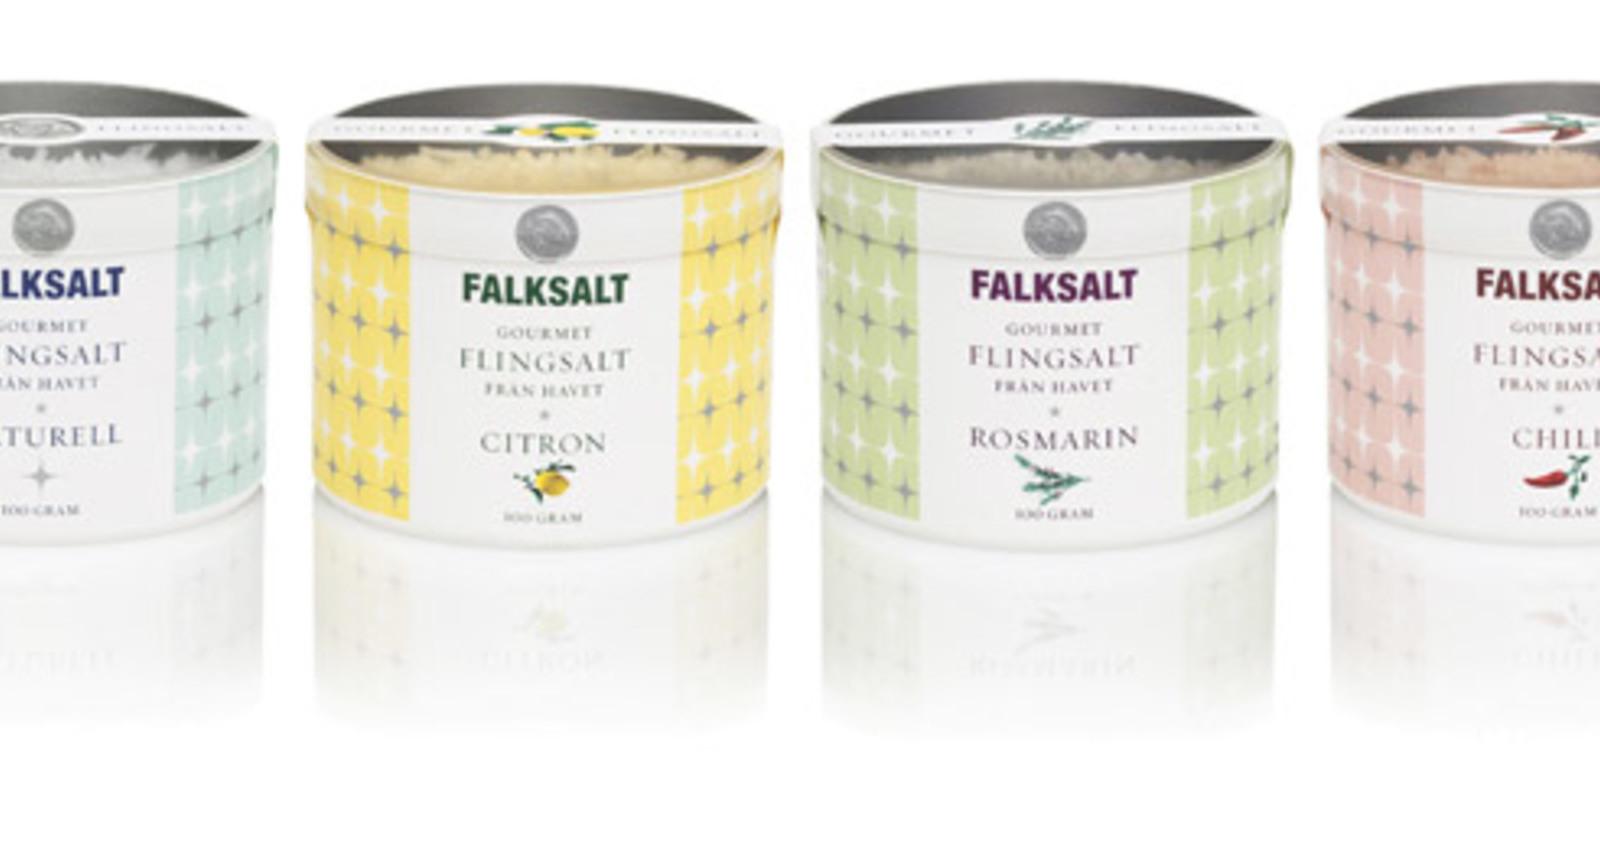 Flavoured table salt